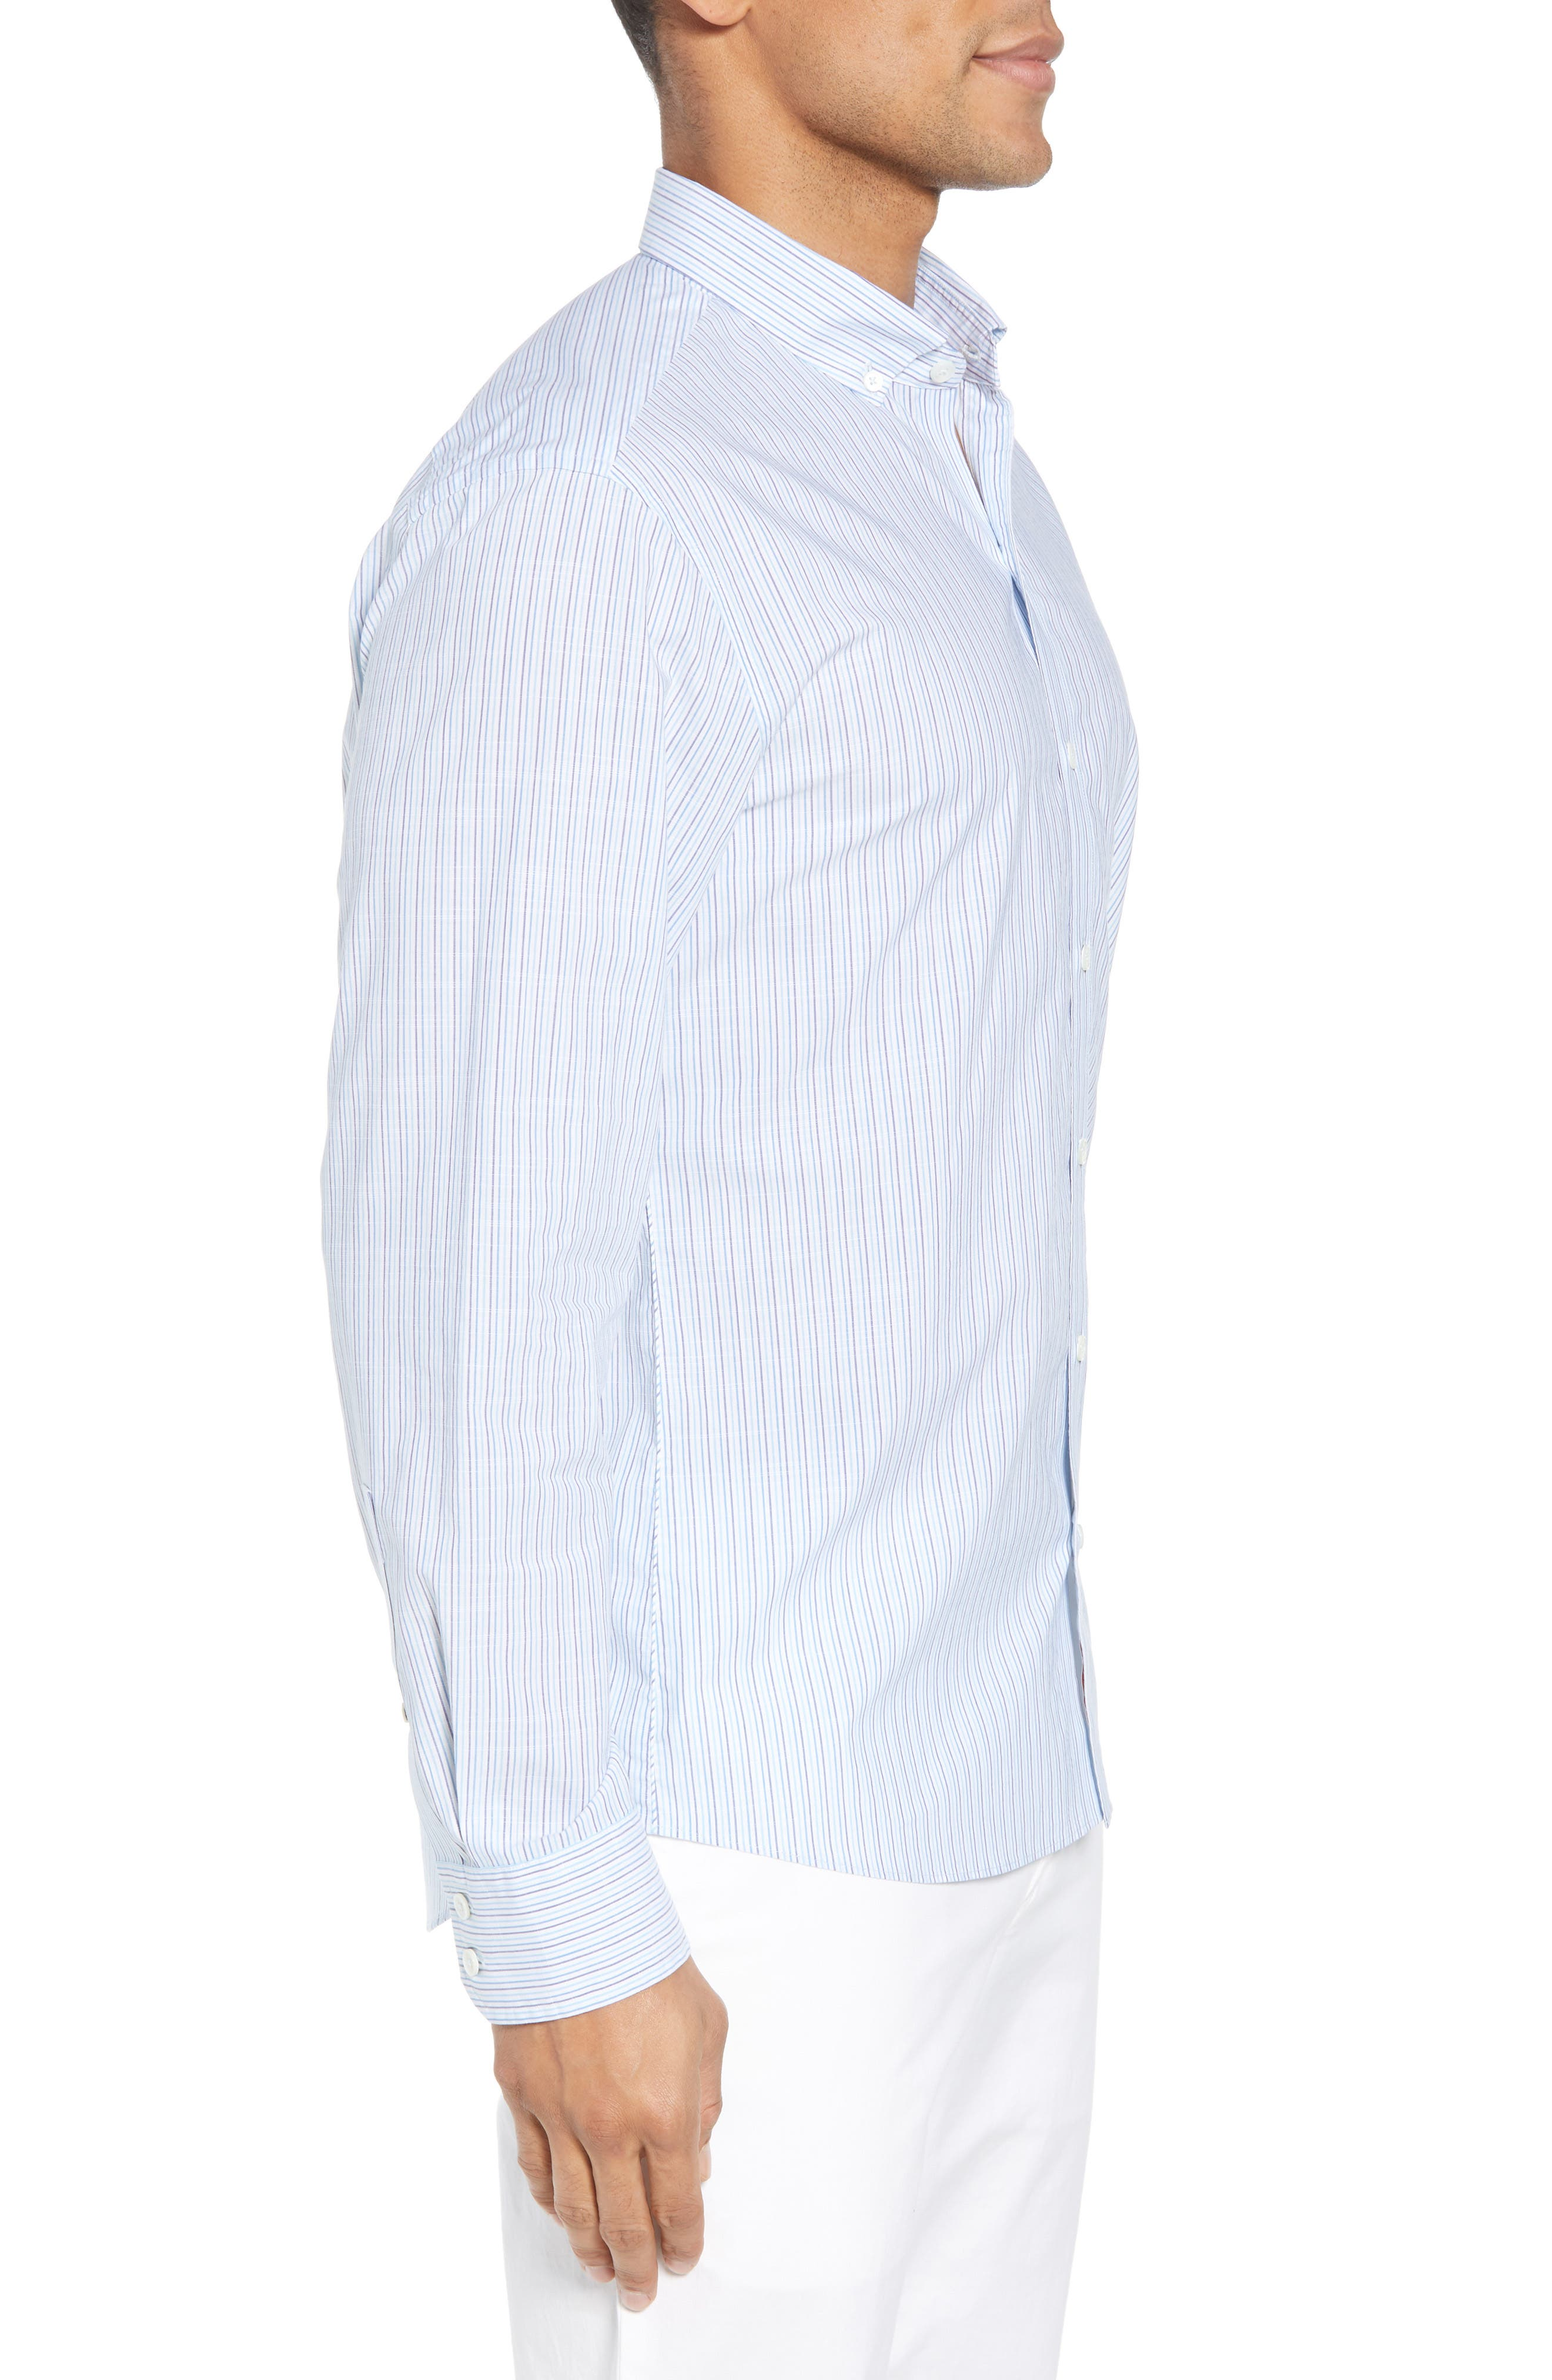 Skeeter Stripe Sport Shirt,                             Alternate thumbnail 3, color,                             440